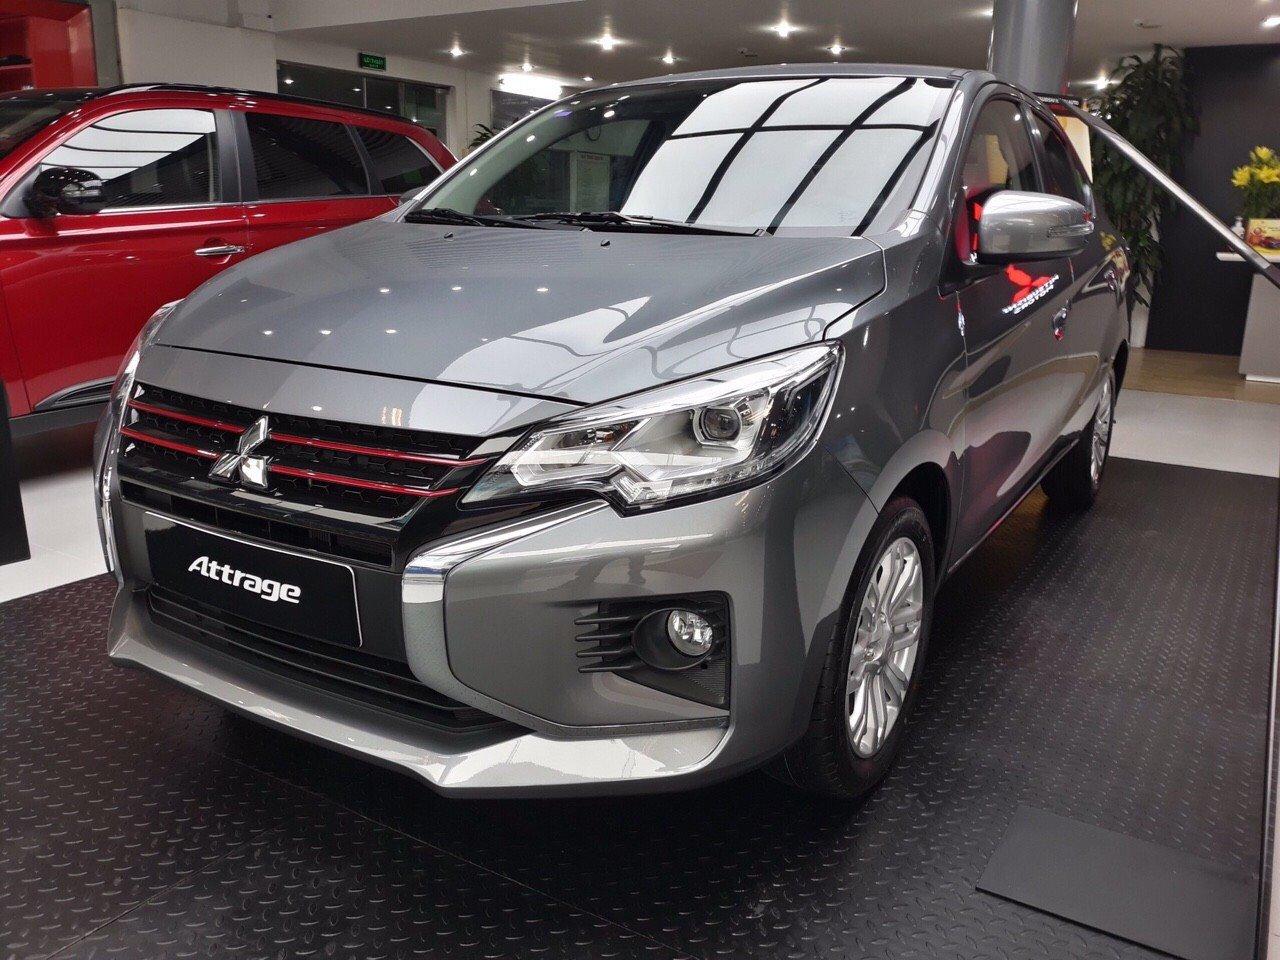 Bán xe Mitsubishi Attrage 2021 Ở Vinh, Nghệ An. Hotline: 0979.012.676